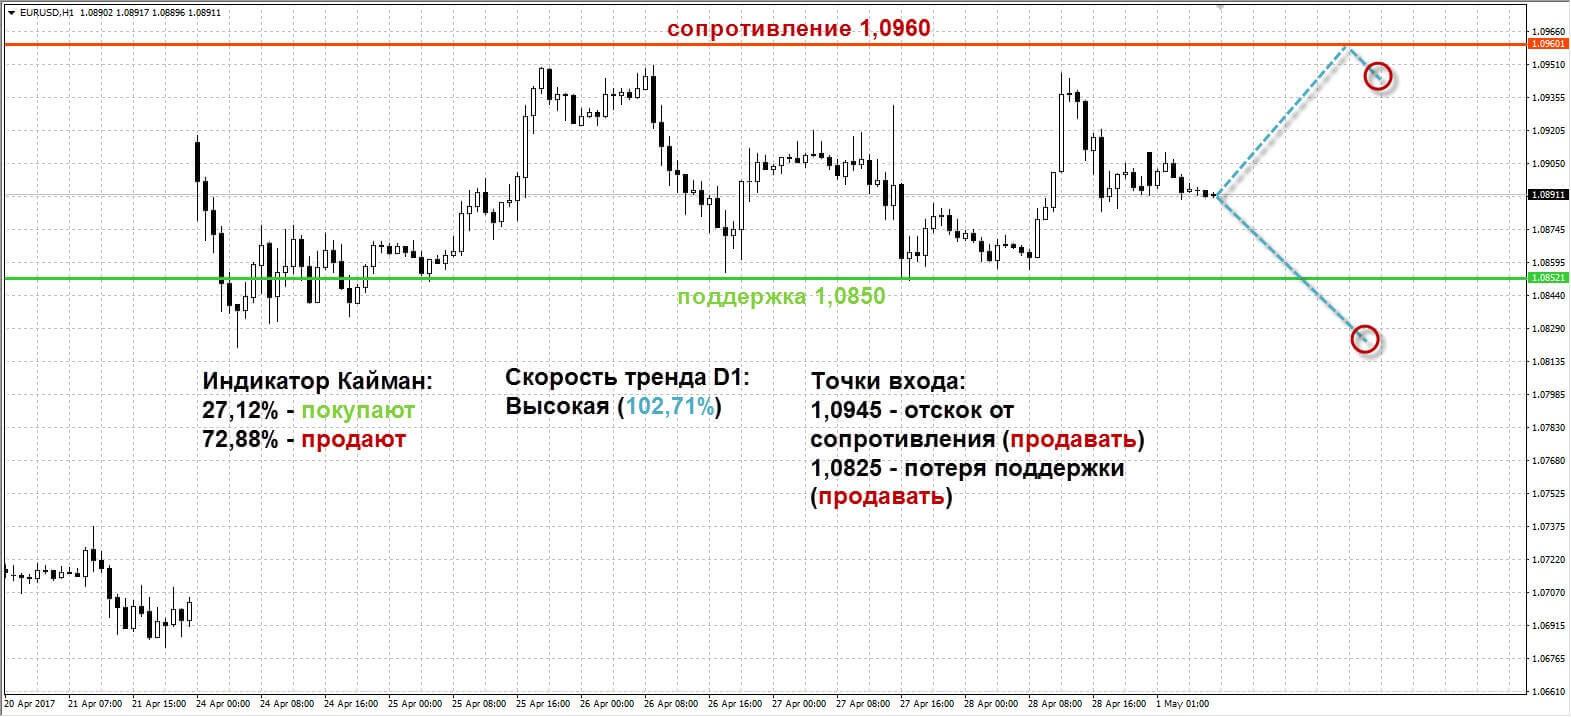 Рынок forex 1 мая торговые советники для форекса